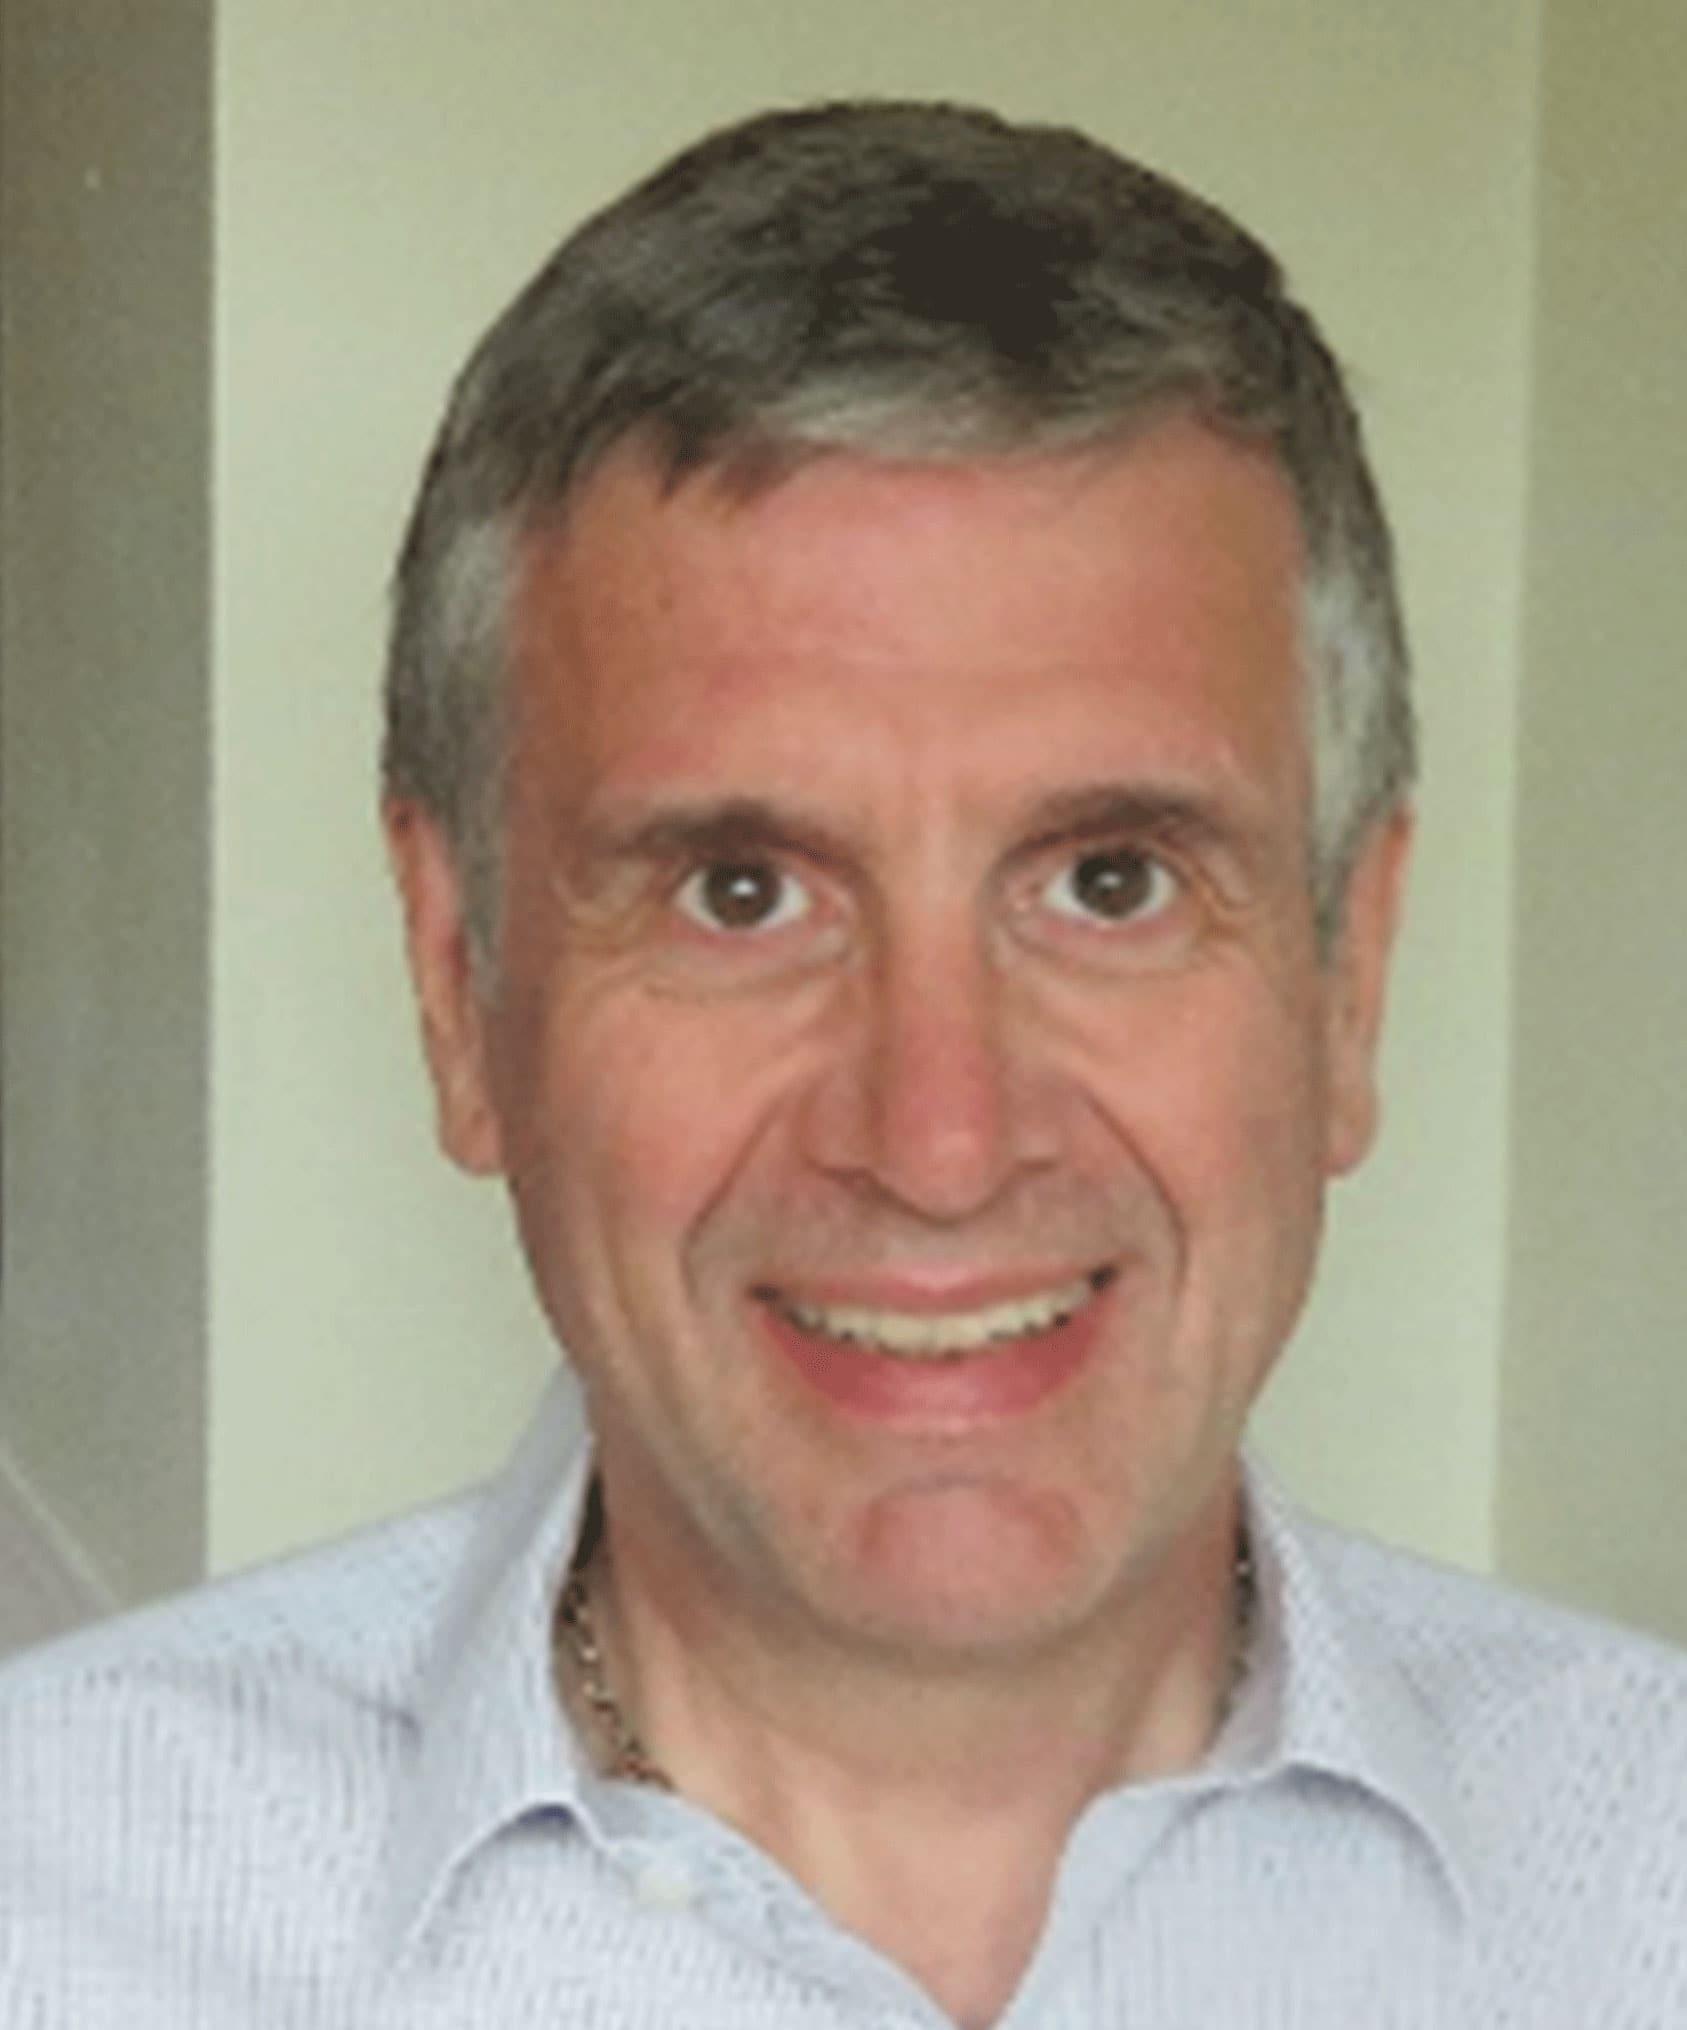 Garry Yates